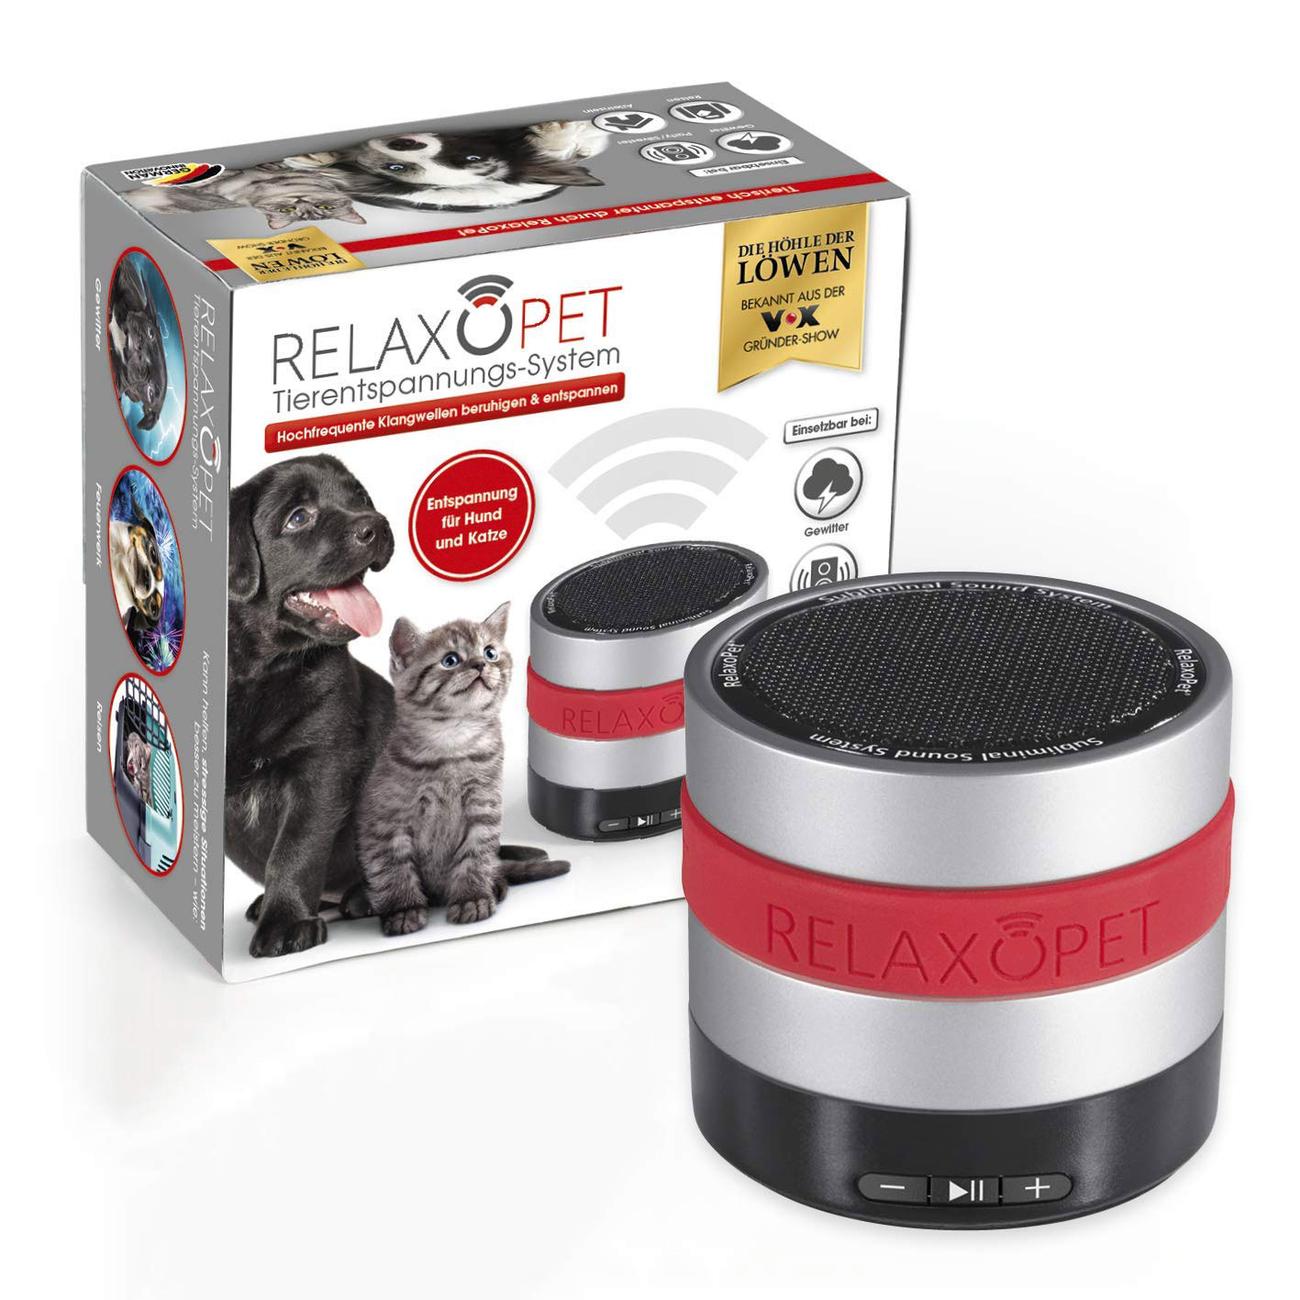 RelaxoPet Cat&Dog Tierentspannungssystem